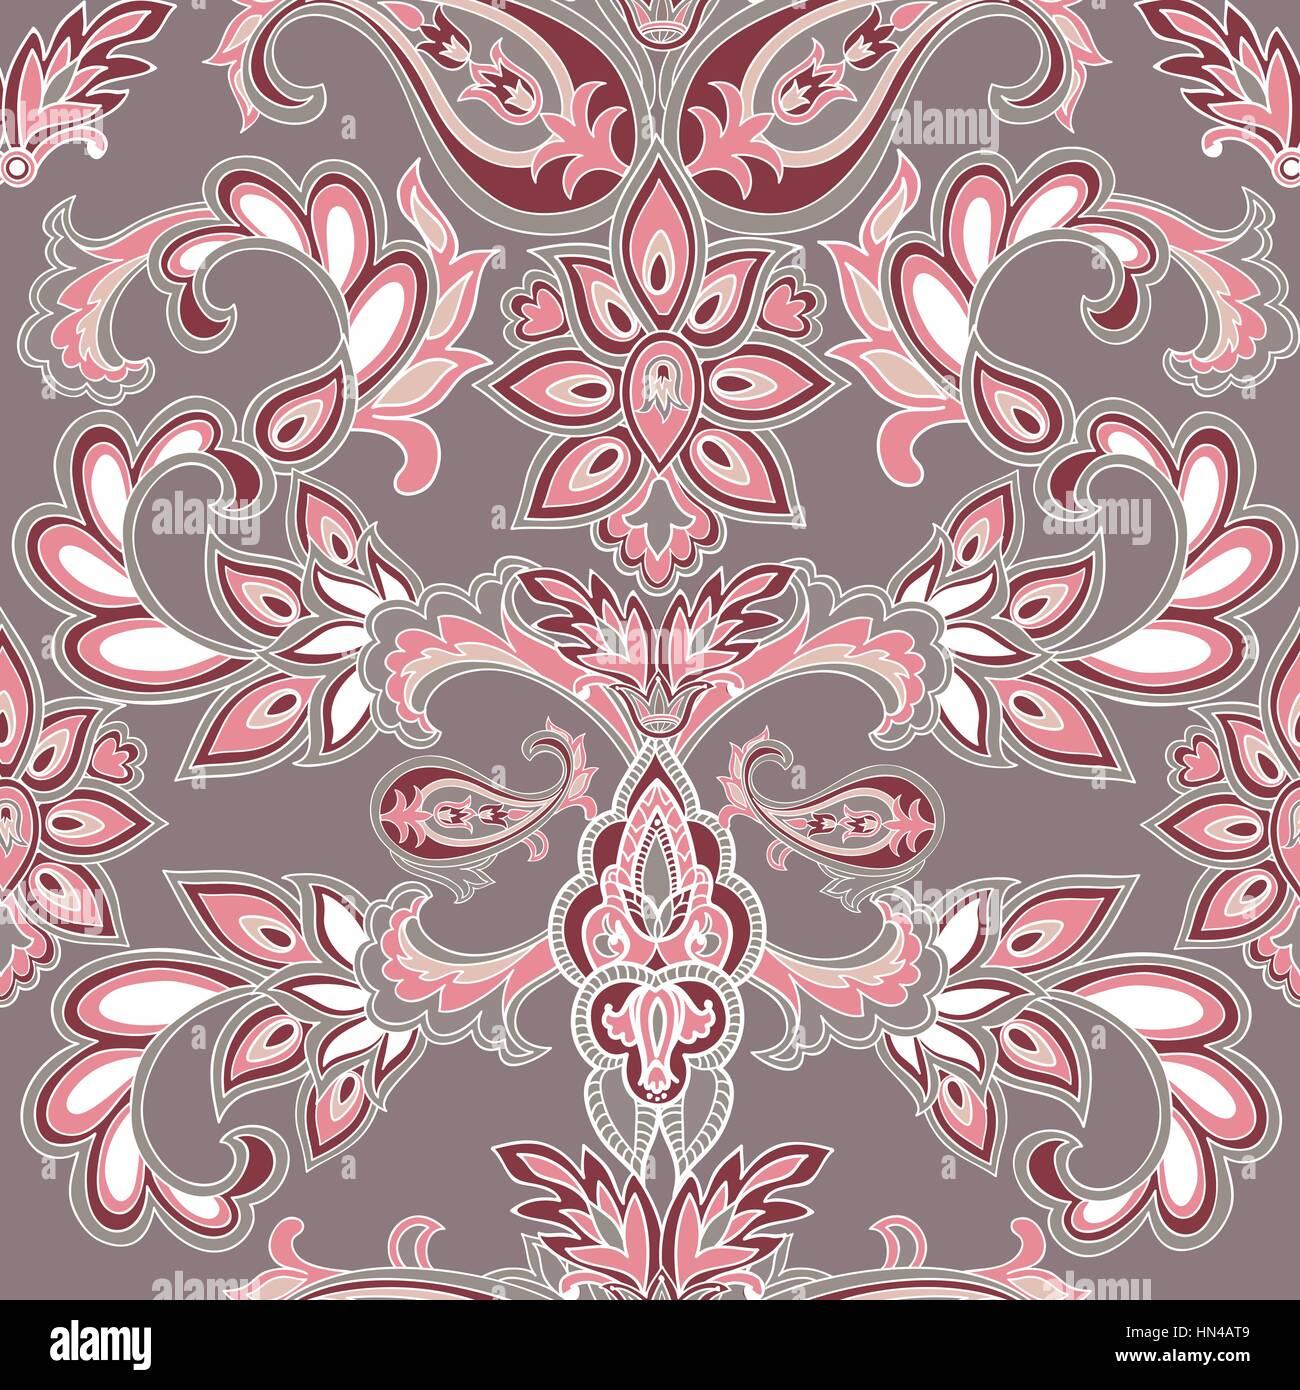 abstrakte orientalische floral nahtlose muster. blume geometrischen